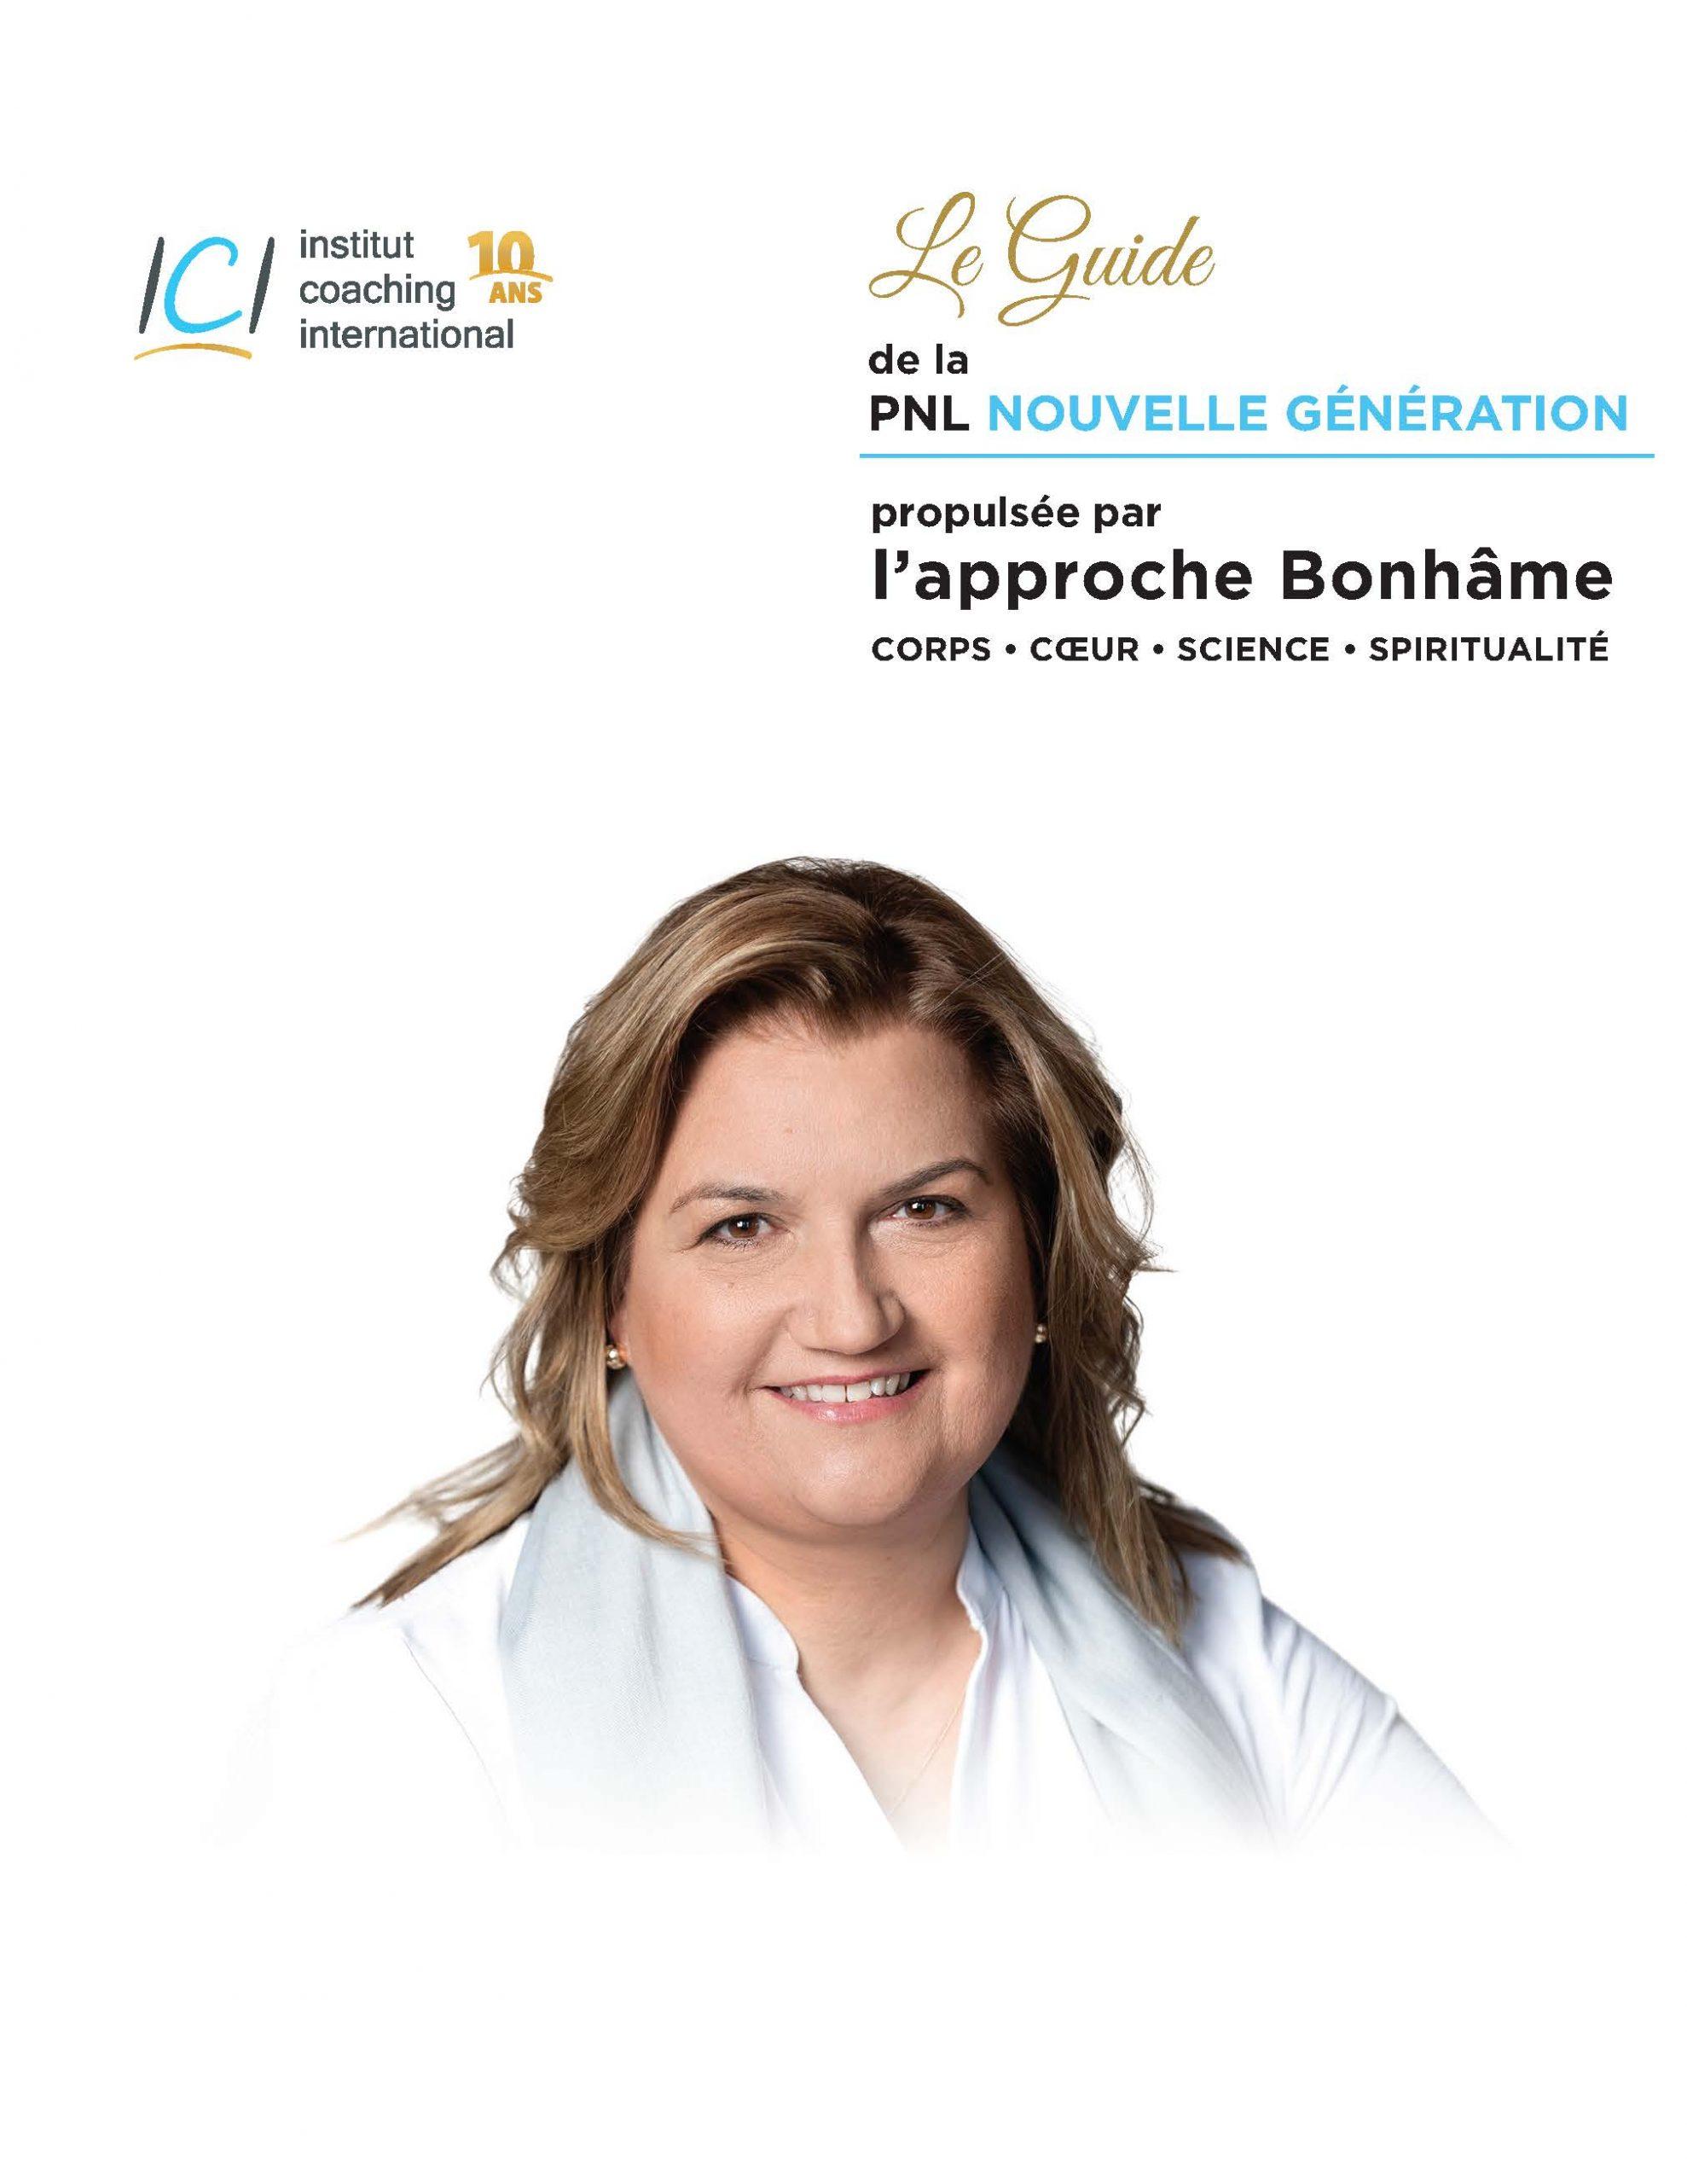 Guide-ICIPNL-Nouvelle-Generation_Page_01